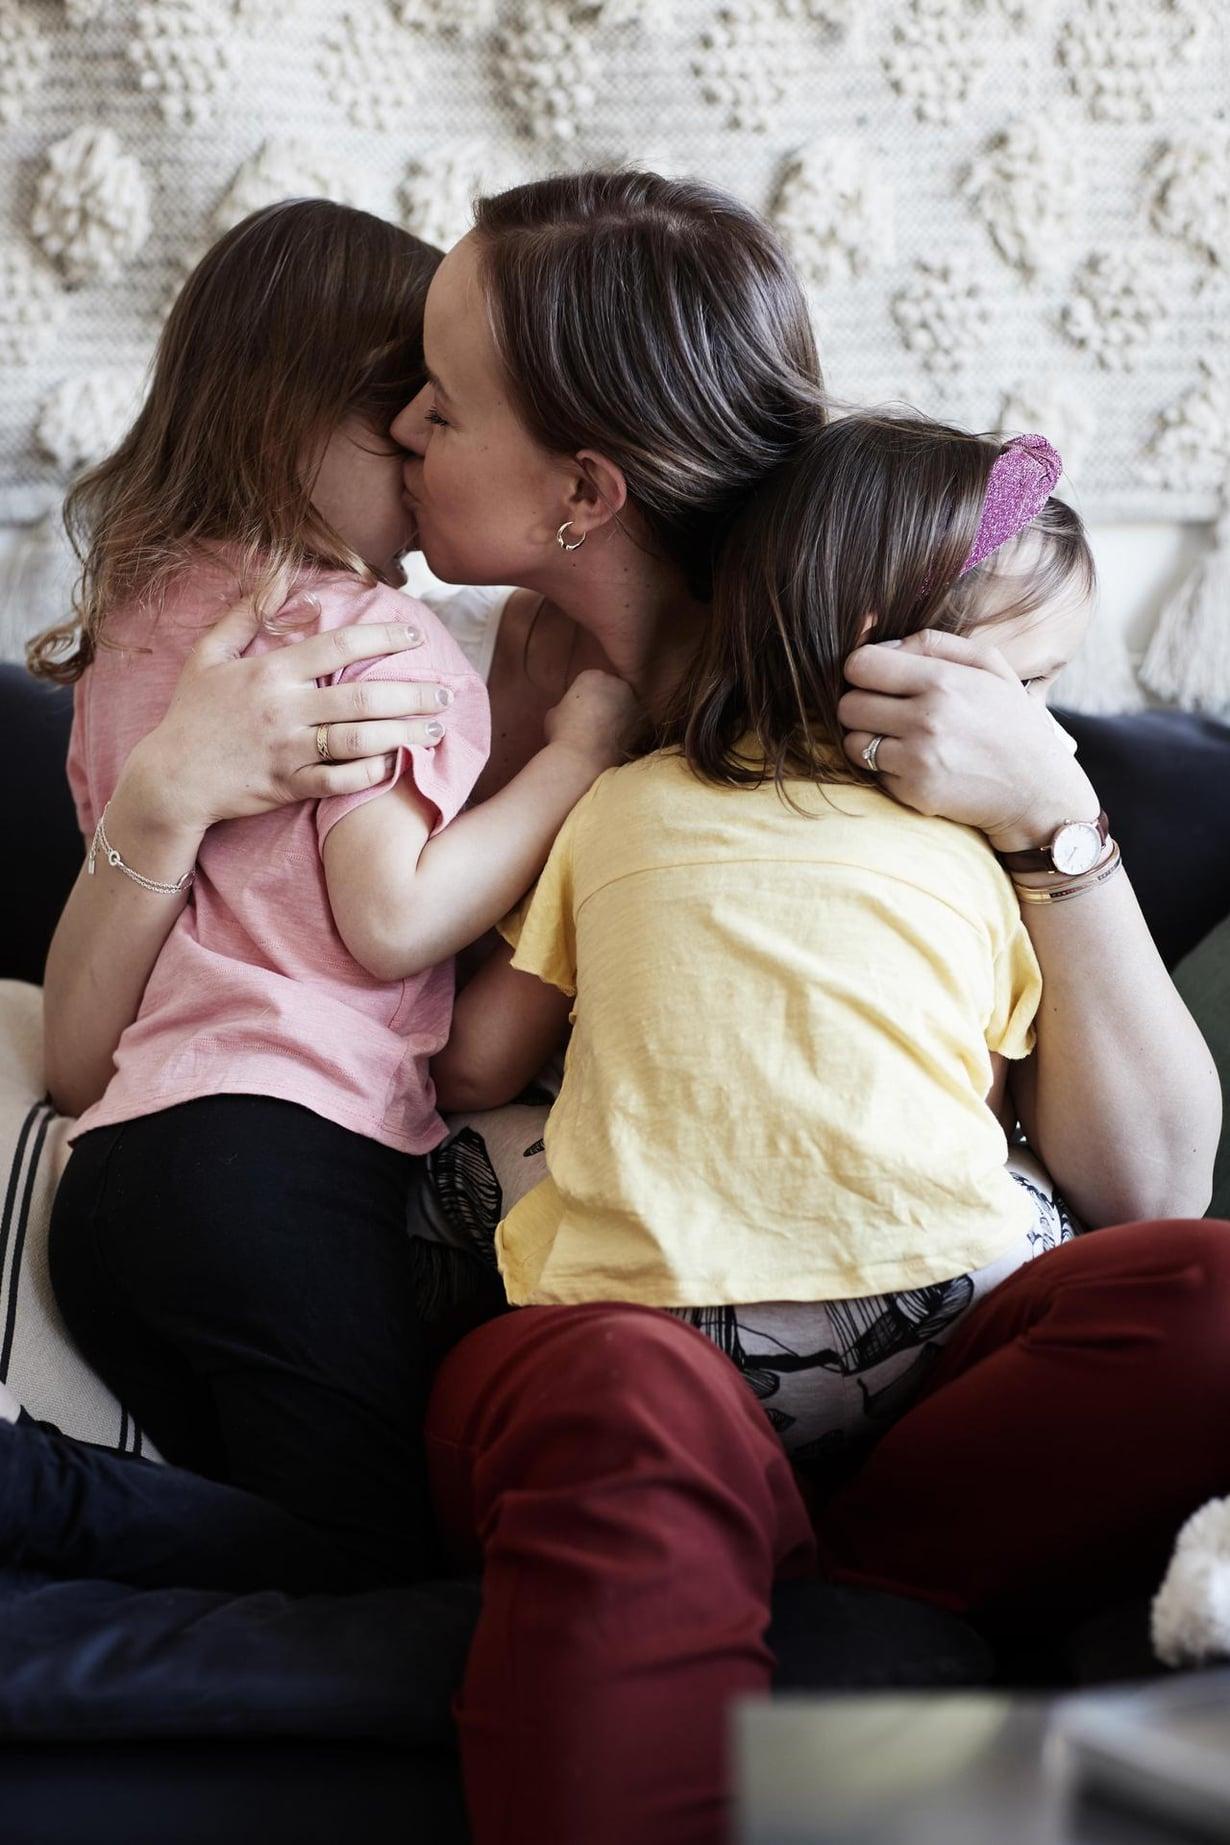 Äidin murut. Matildalla ja Mimosalla on ikäeroa vuosi ja yhdeksän kuukautta.